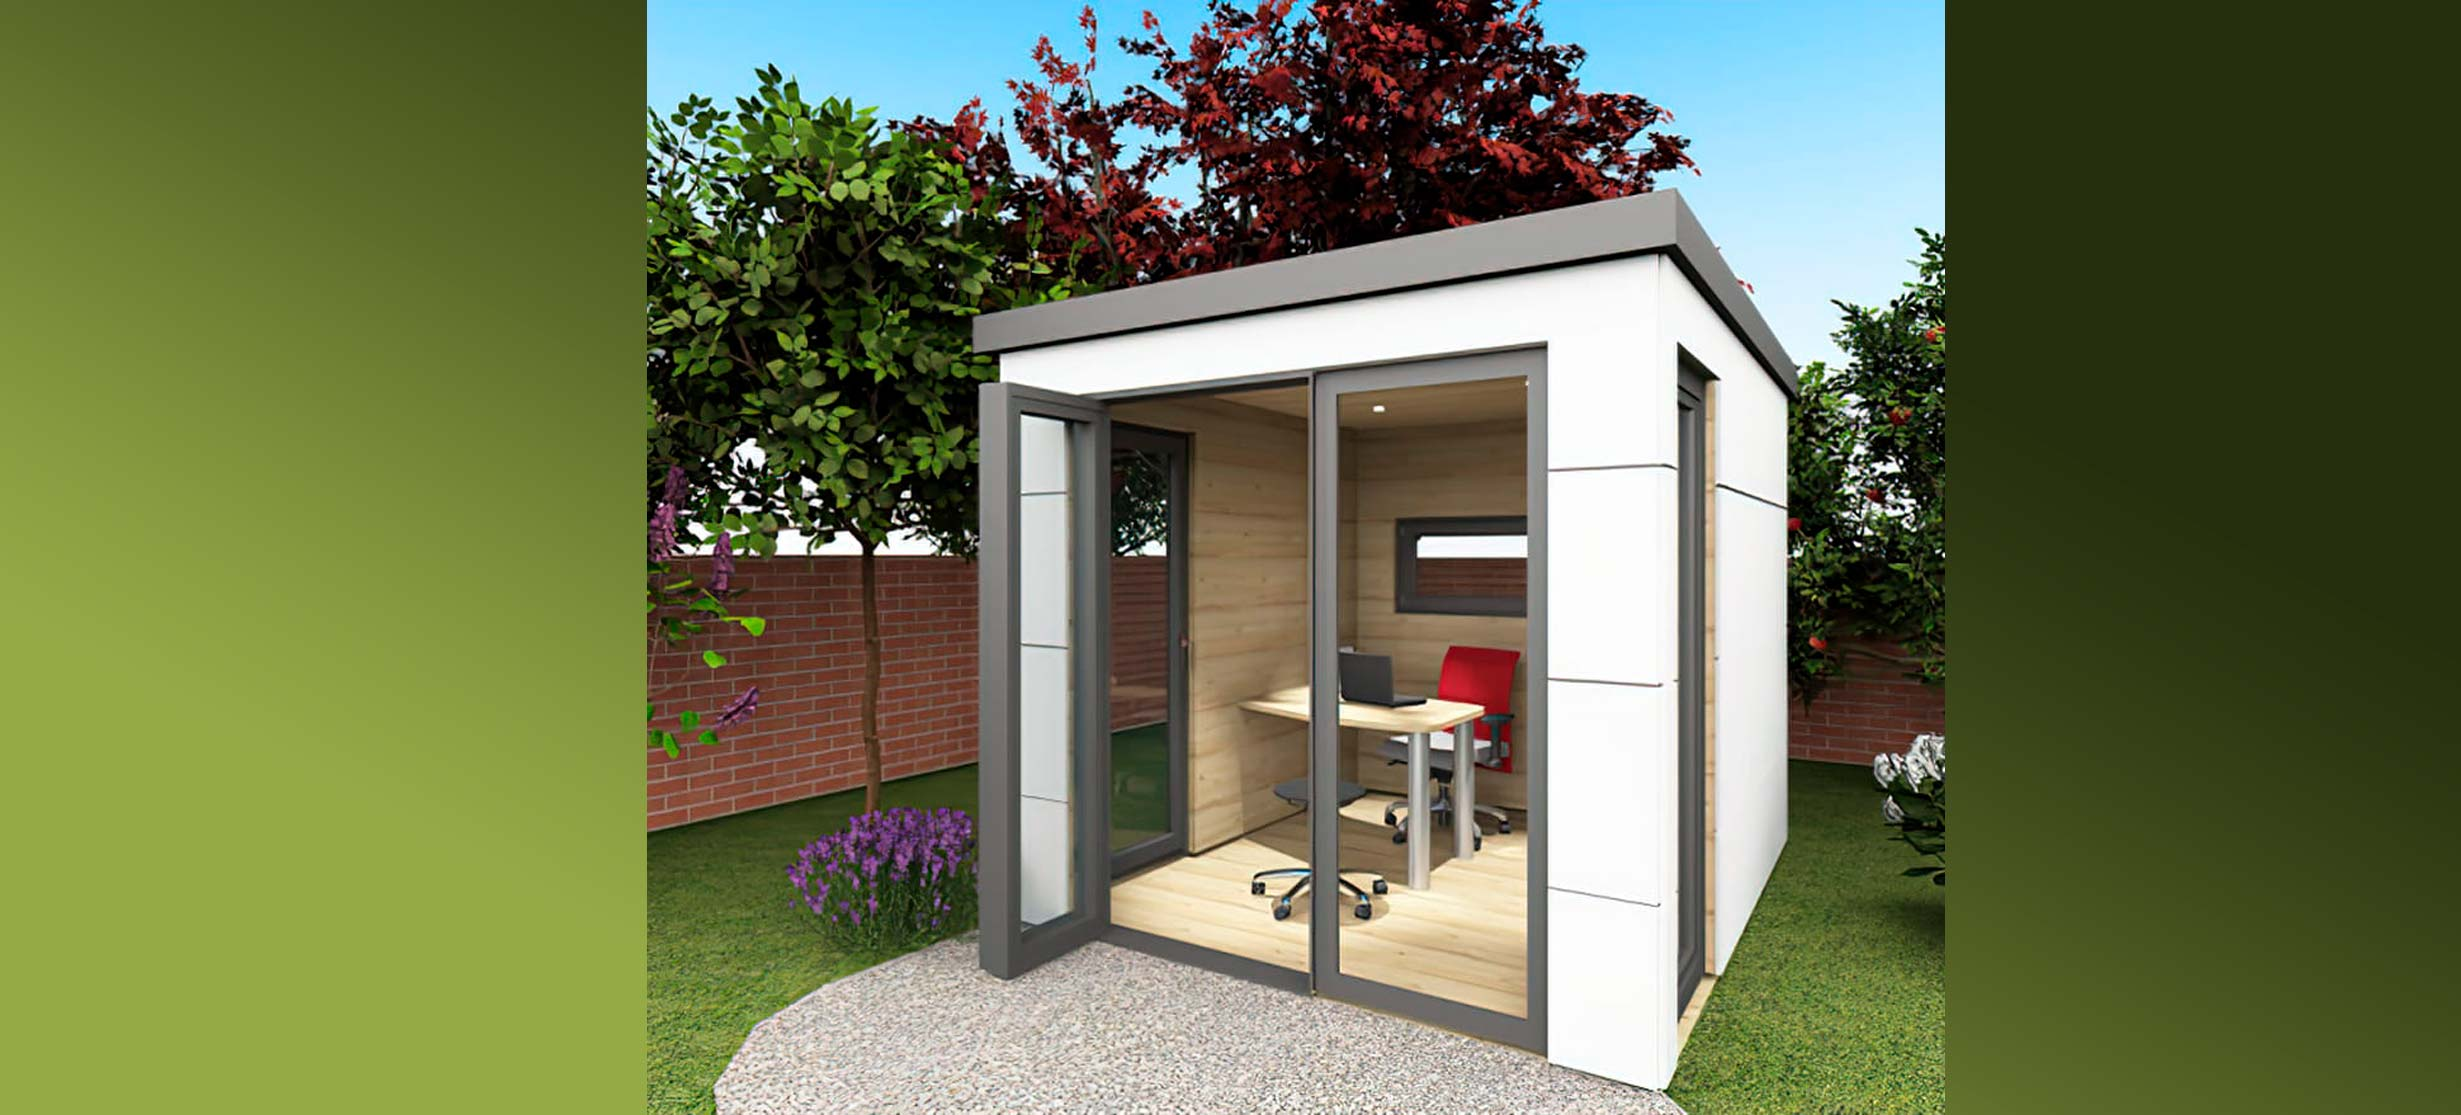 homeoffice homebox, der Büro-Raum im Garten.